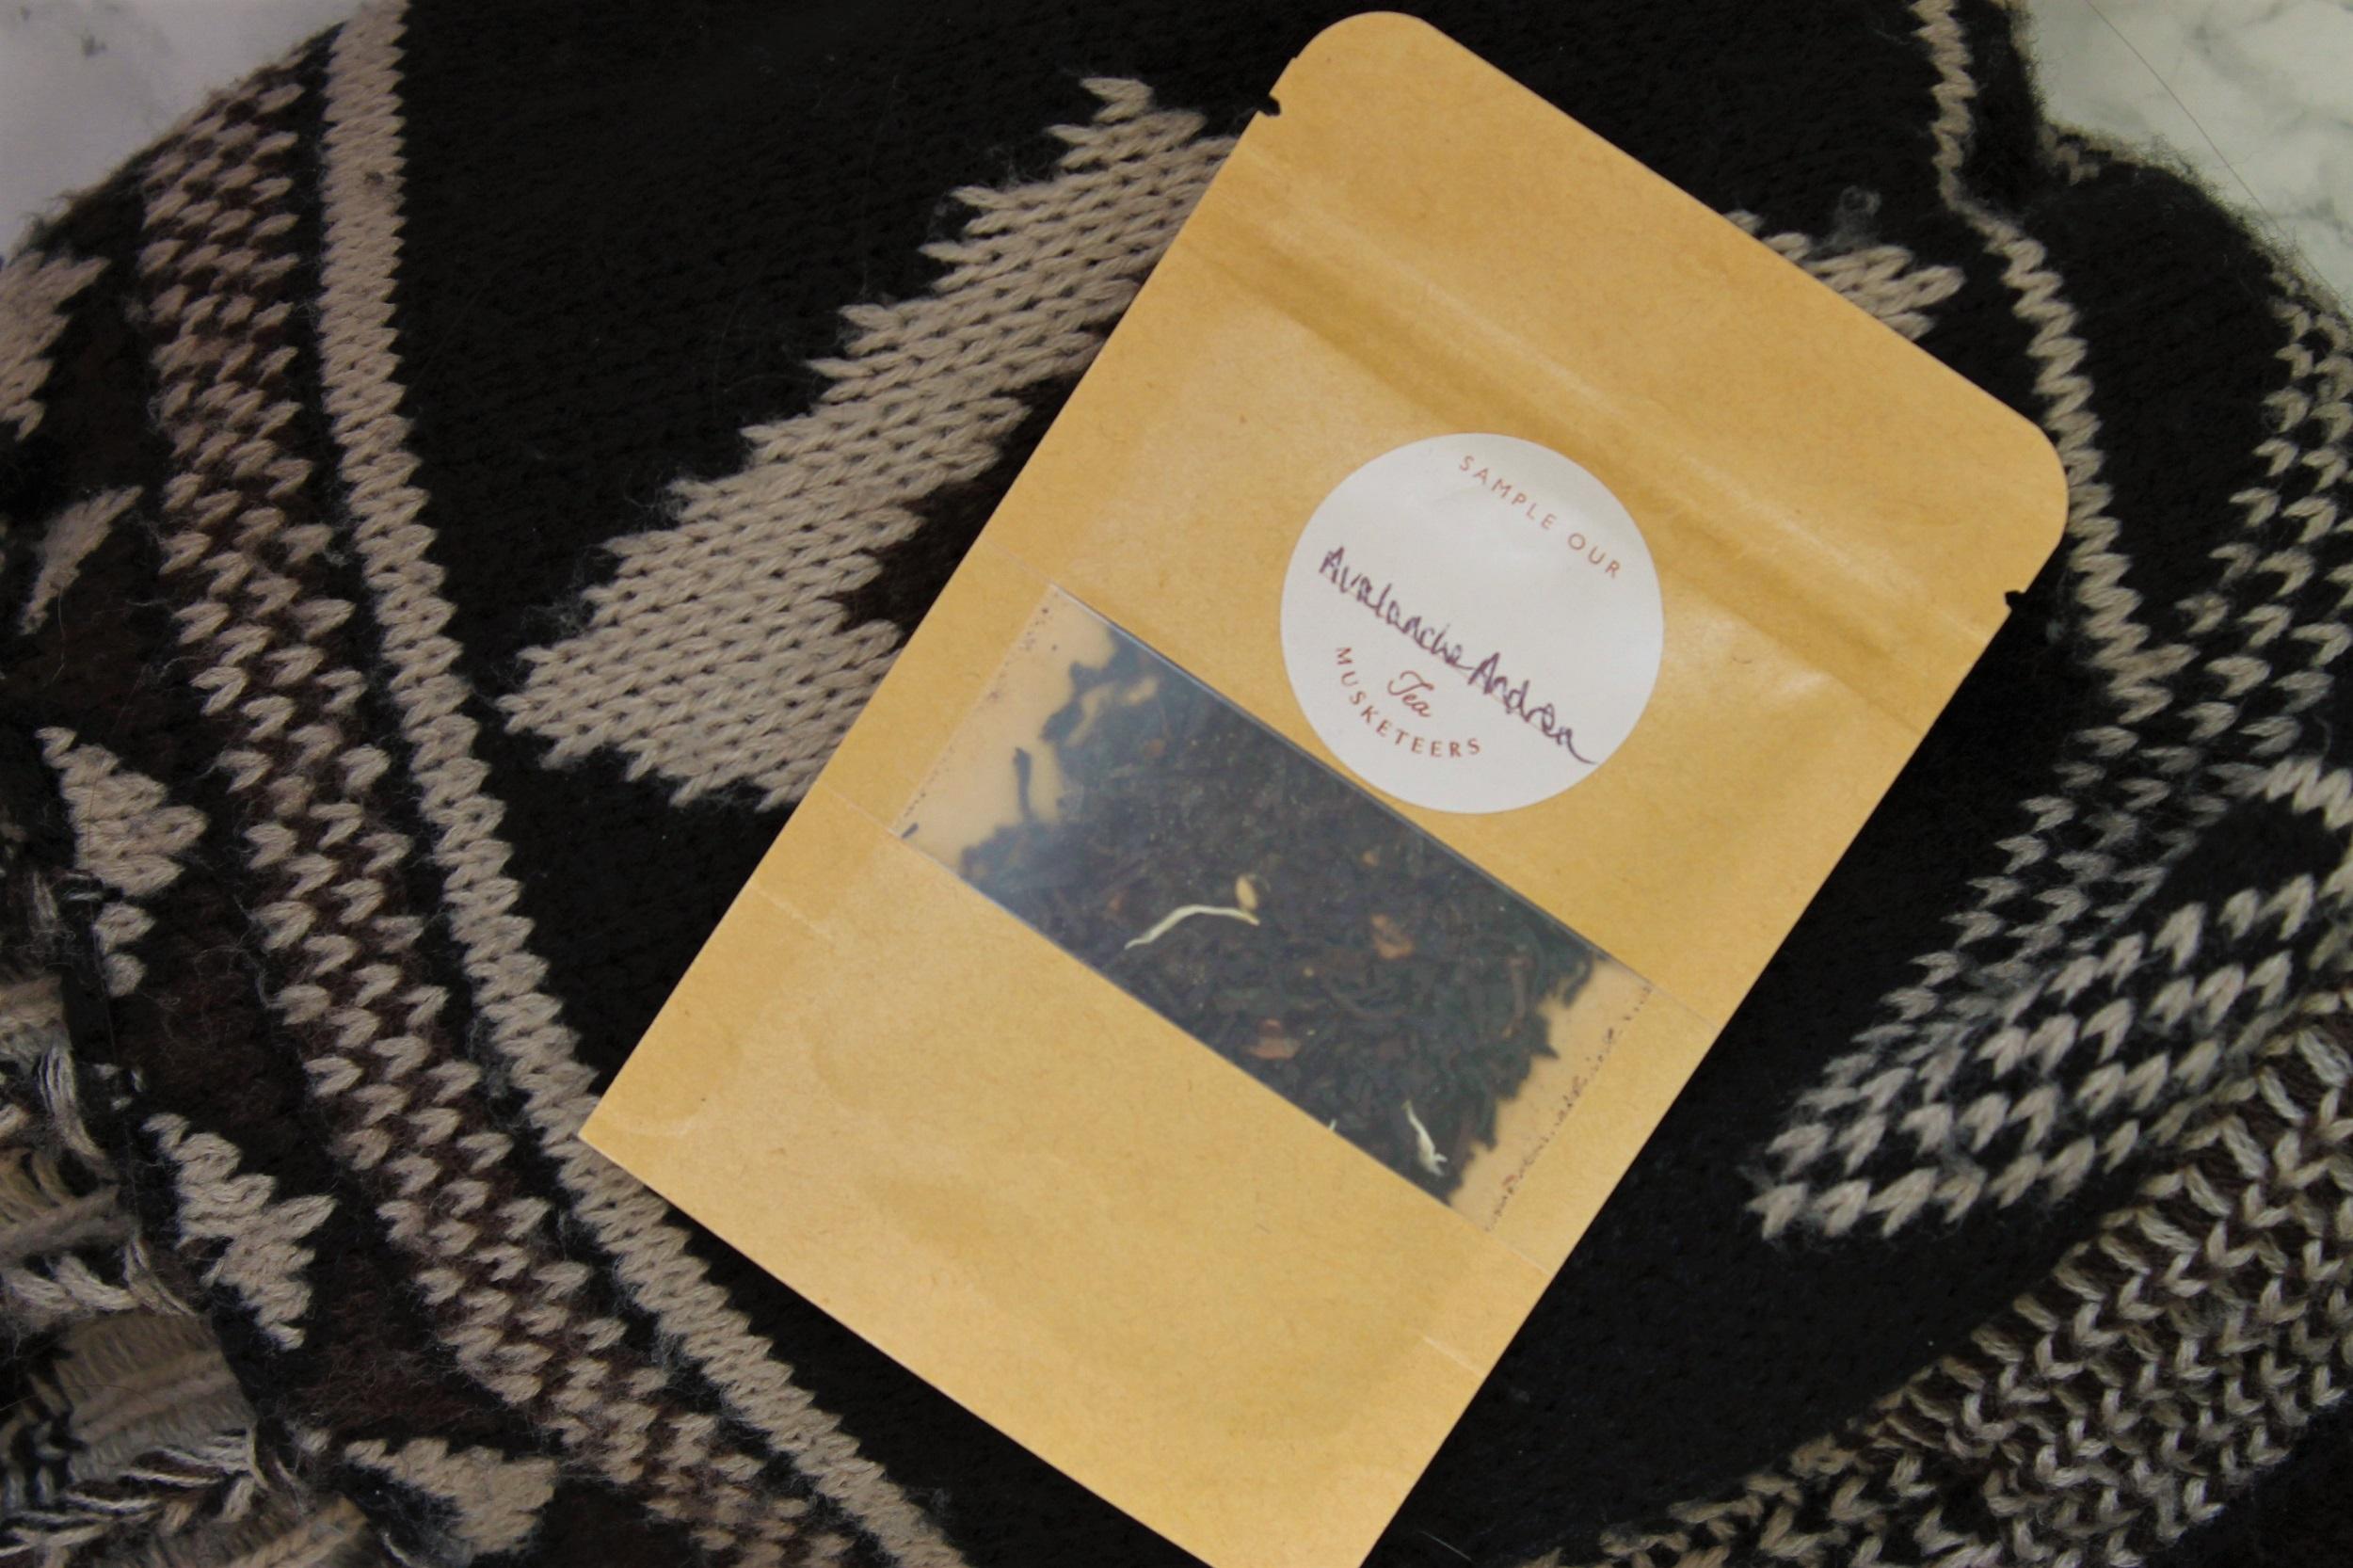 tea musketeers loose leaf sample